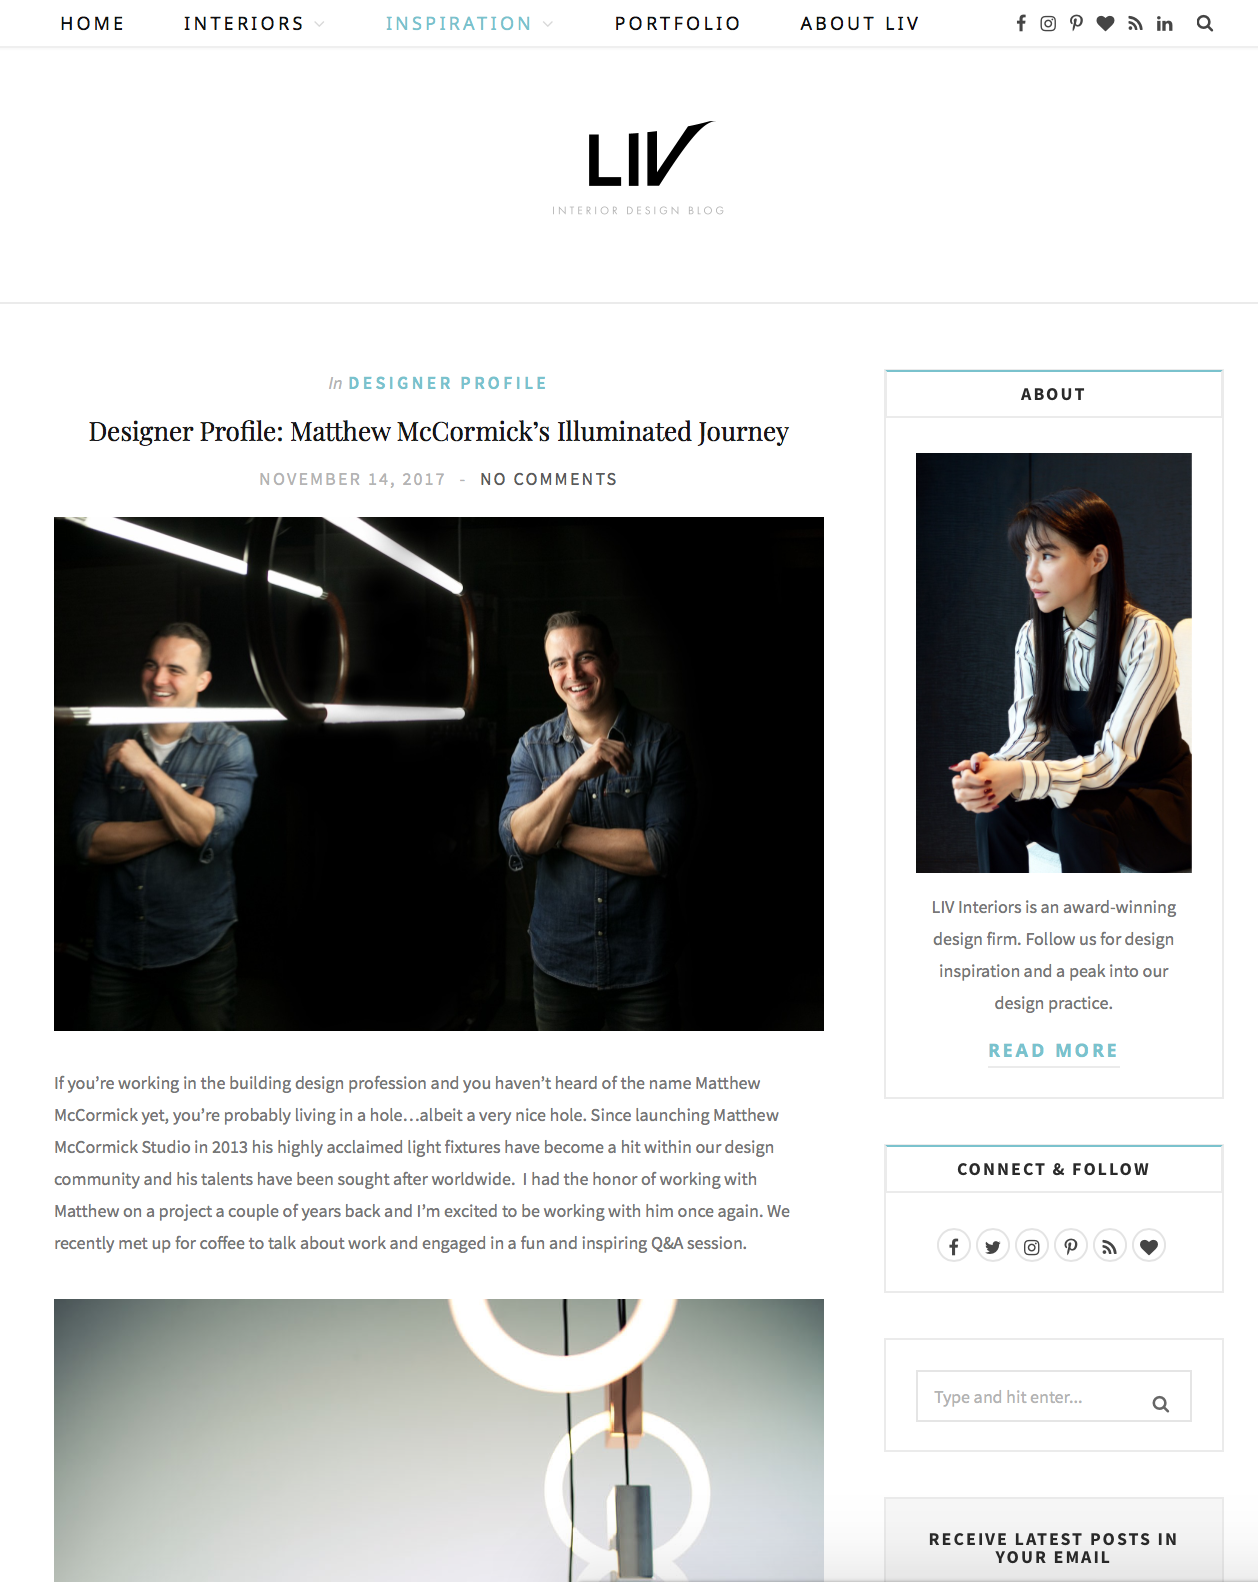 LIV Interior Design Blog November 14, 2017